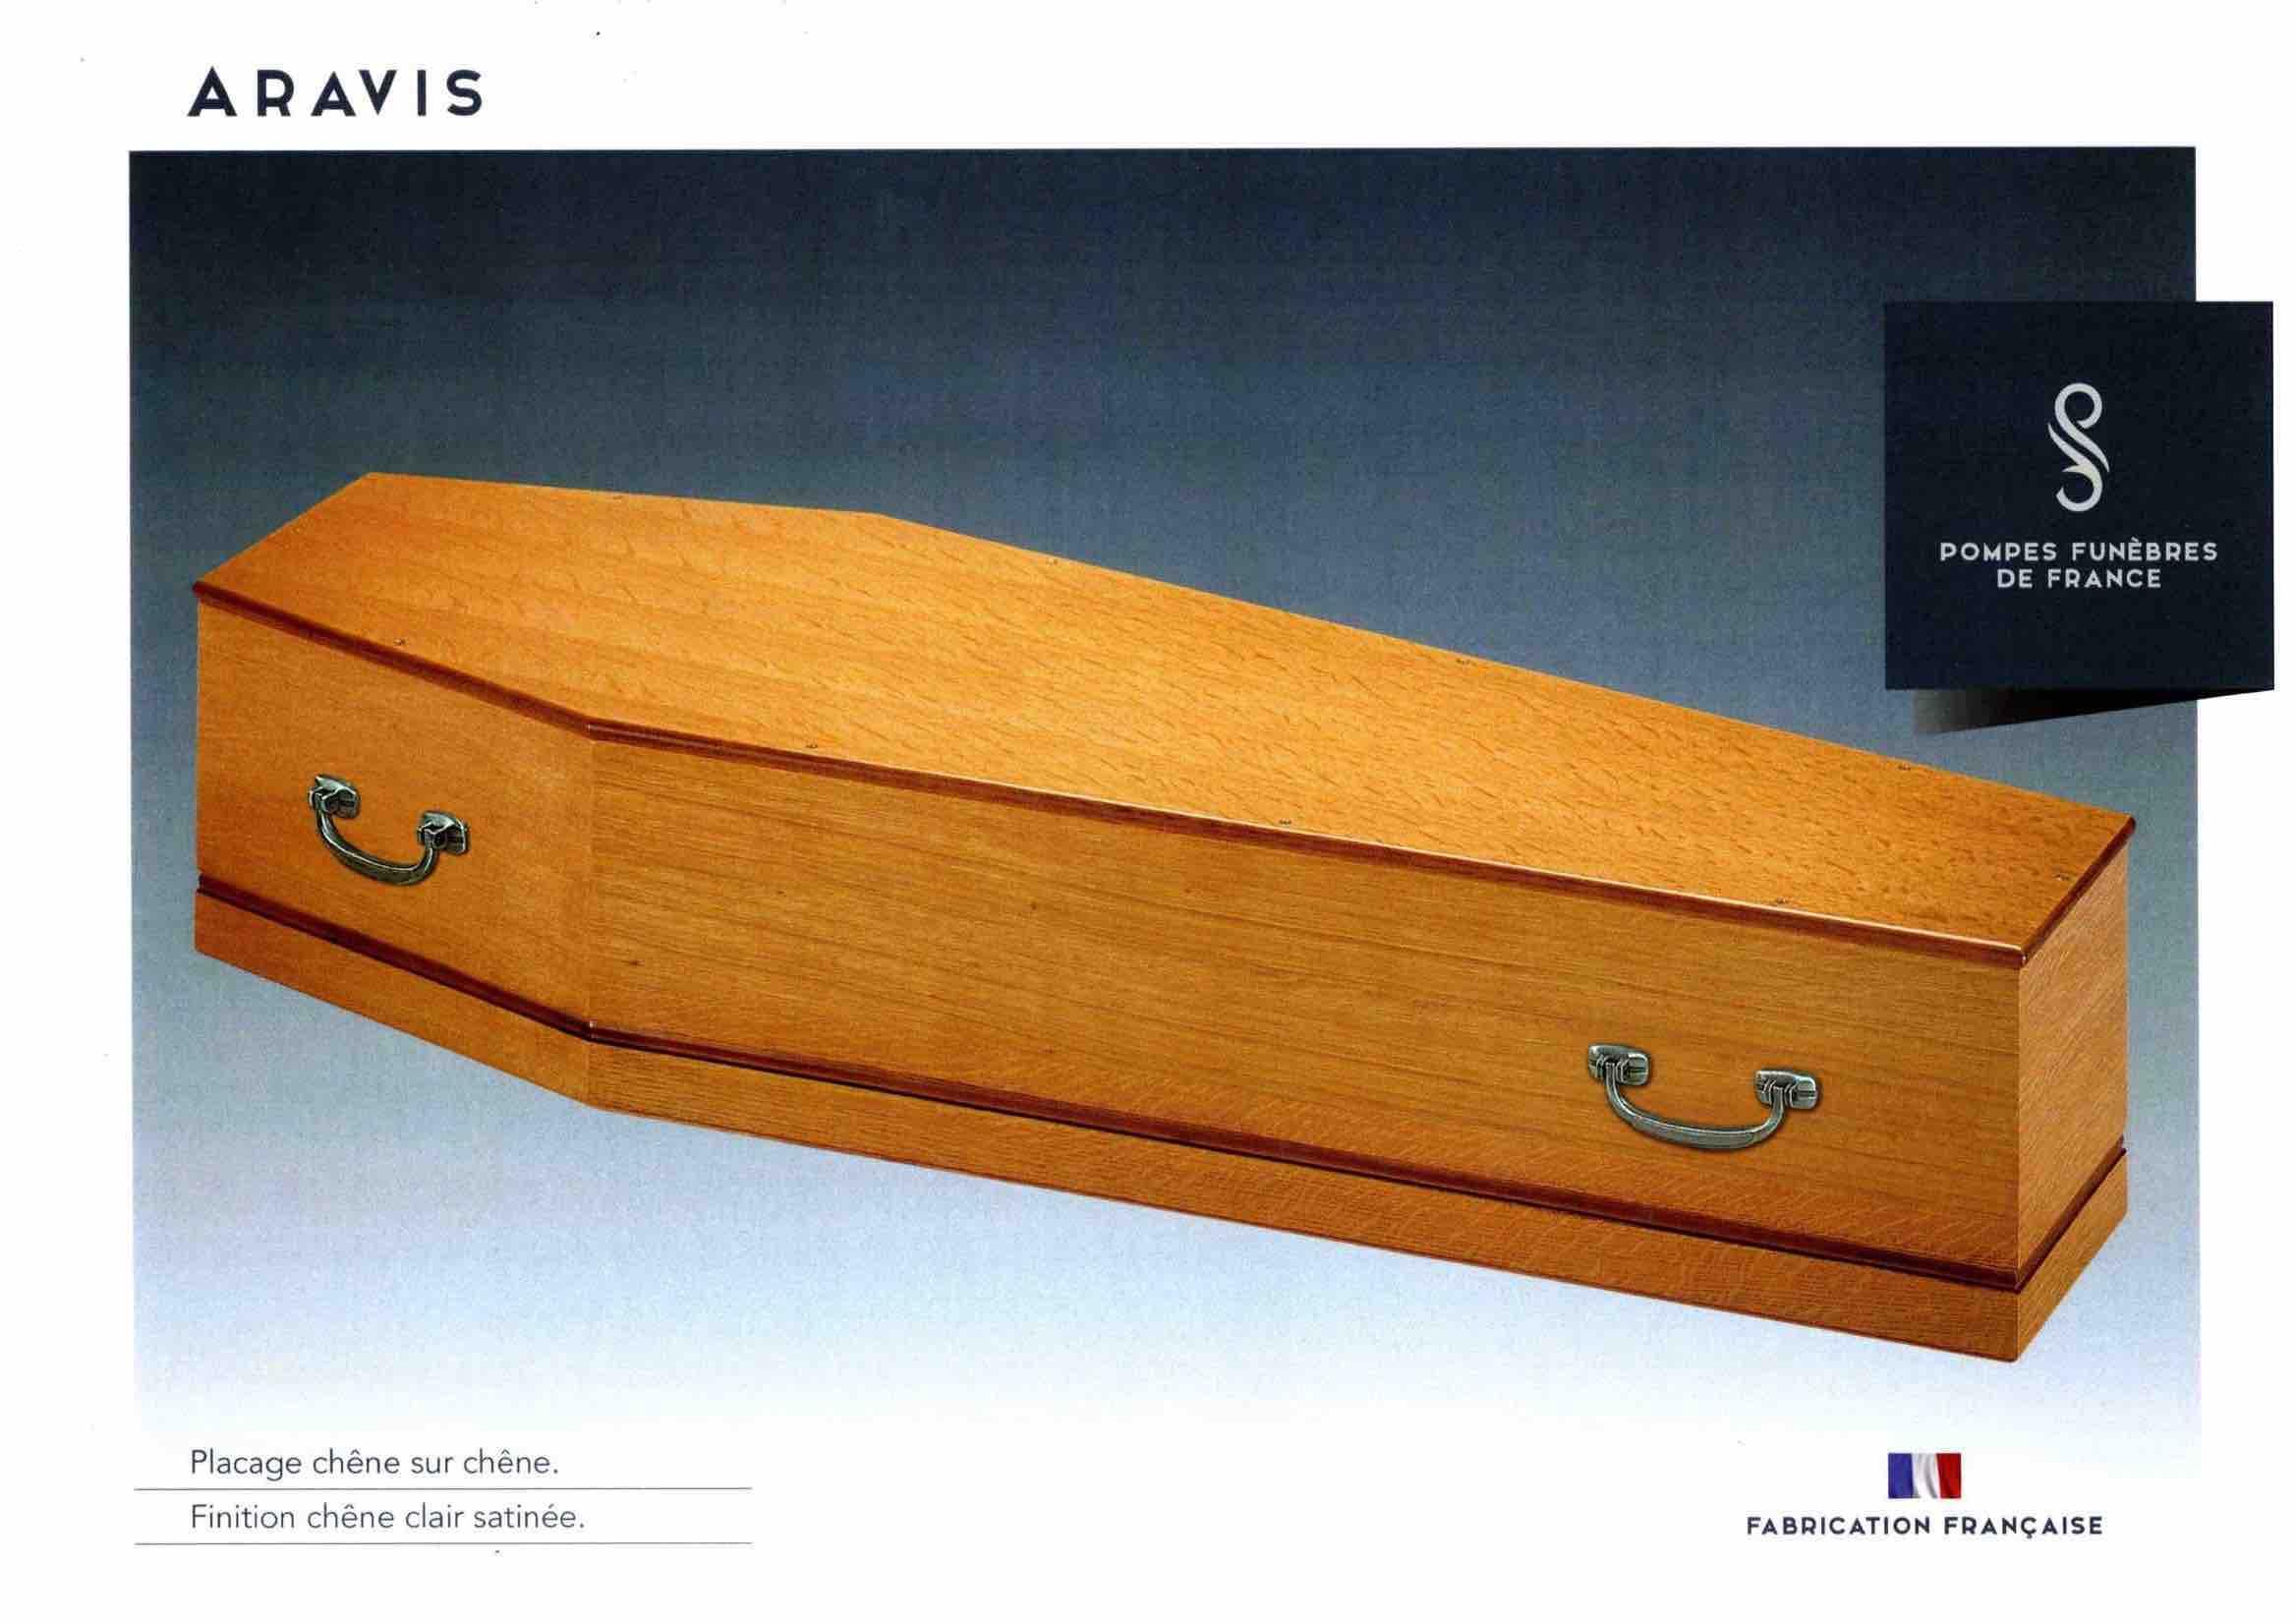 Cercueil Inhumation Aravis